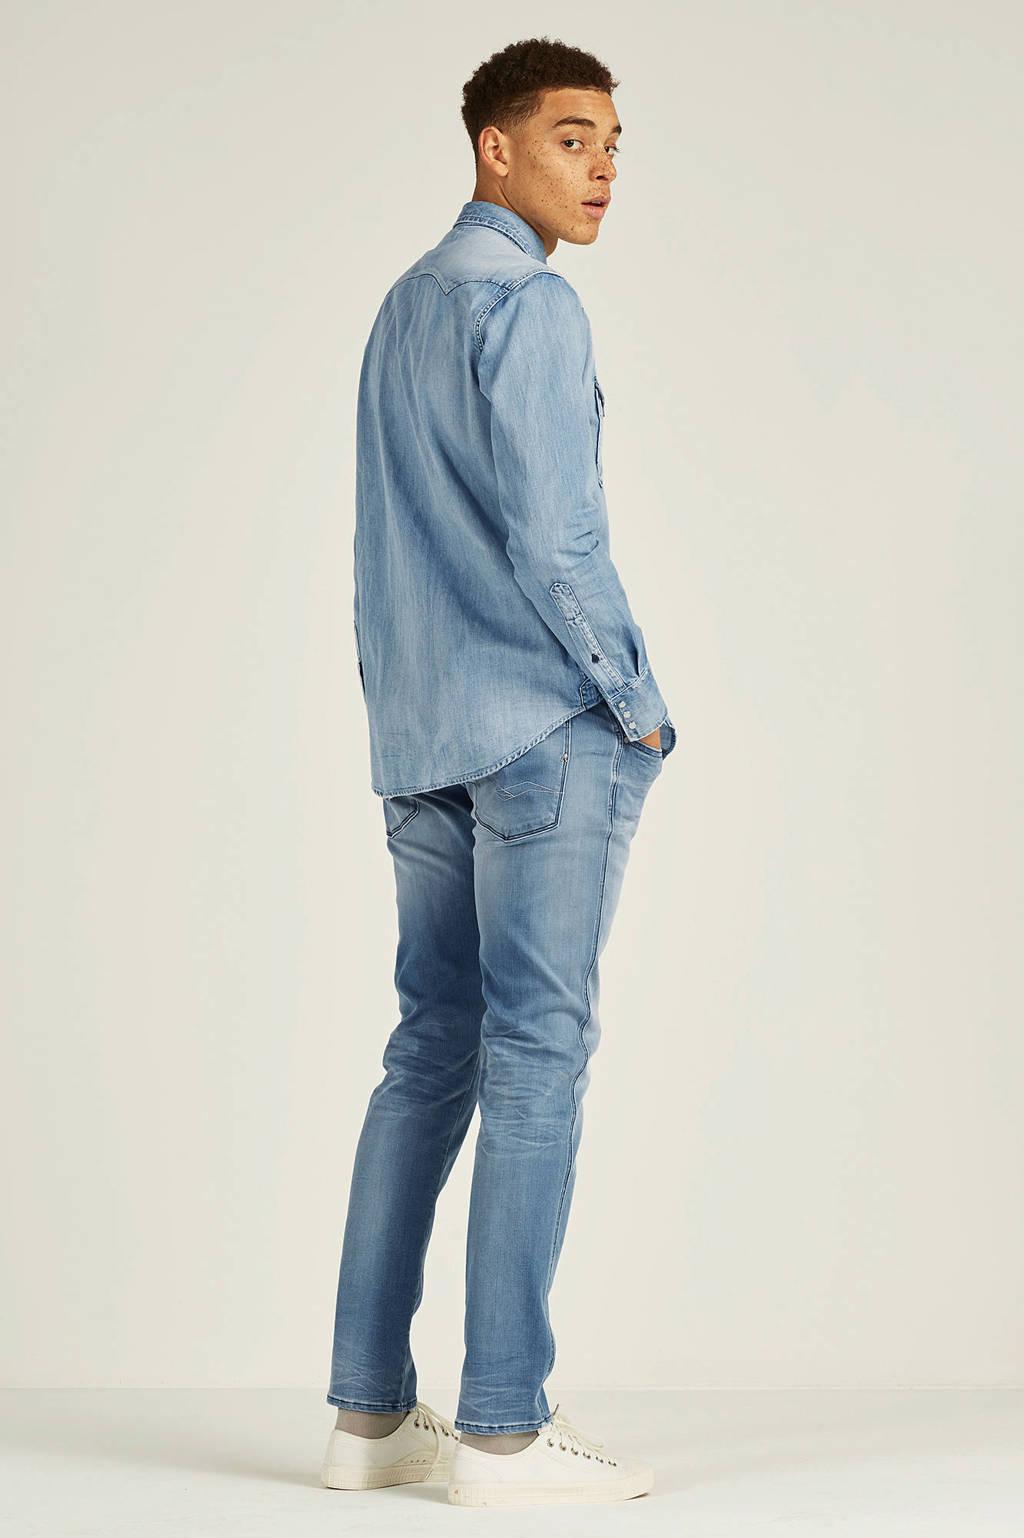 REPLAY slim fit jeans Anbass Hyperflex light blue, Light Blue